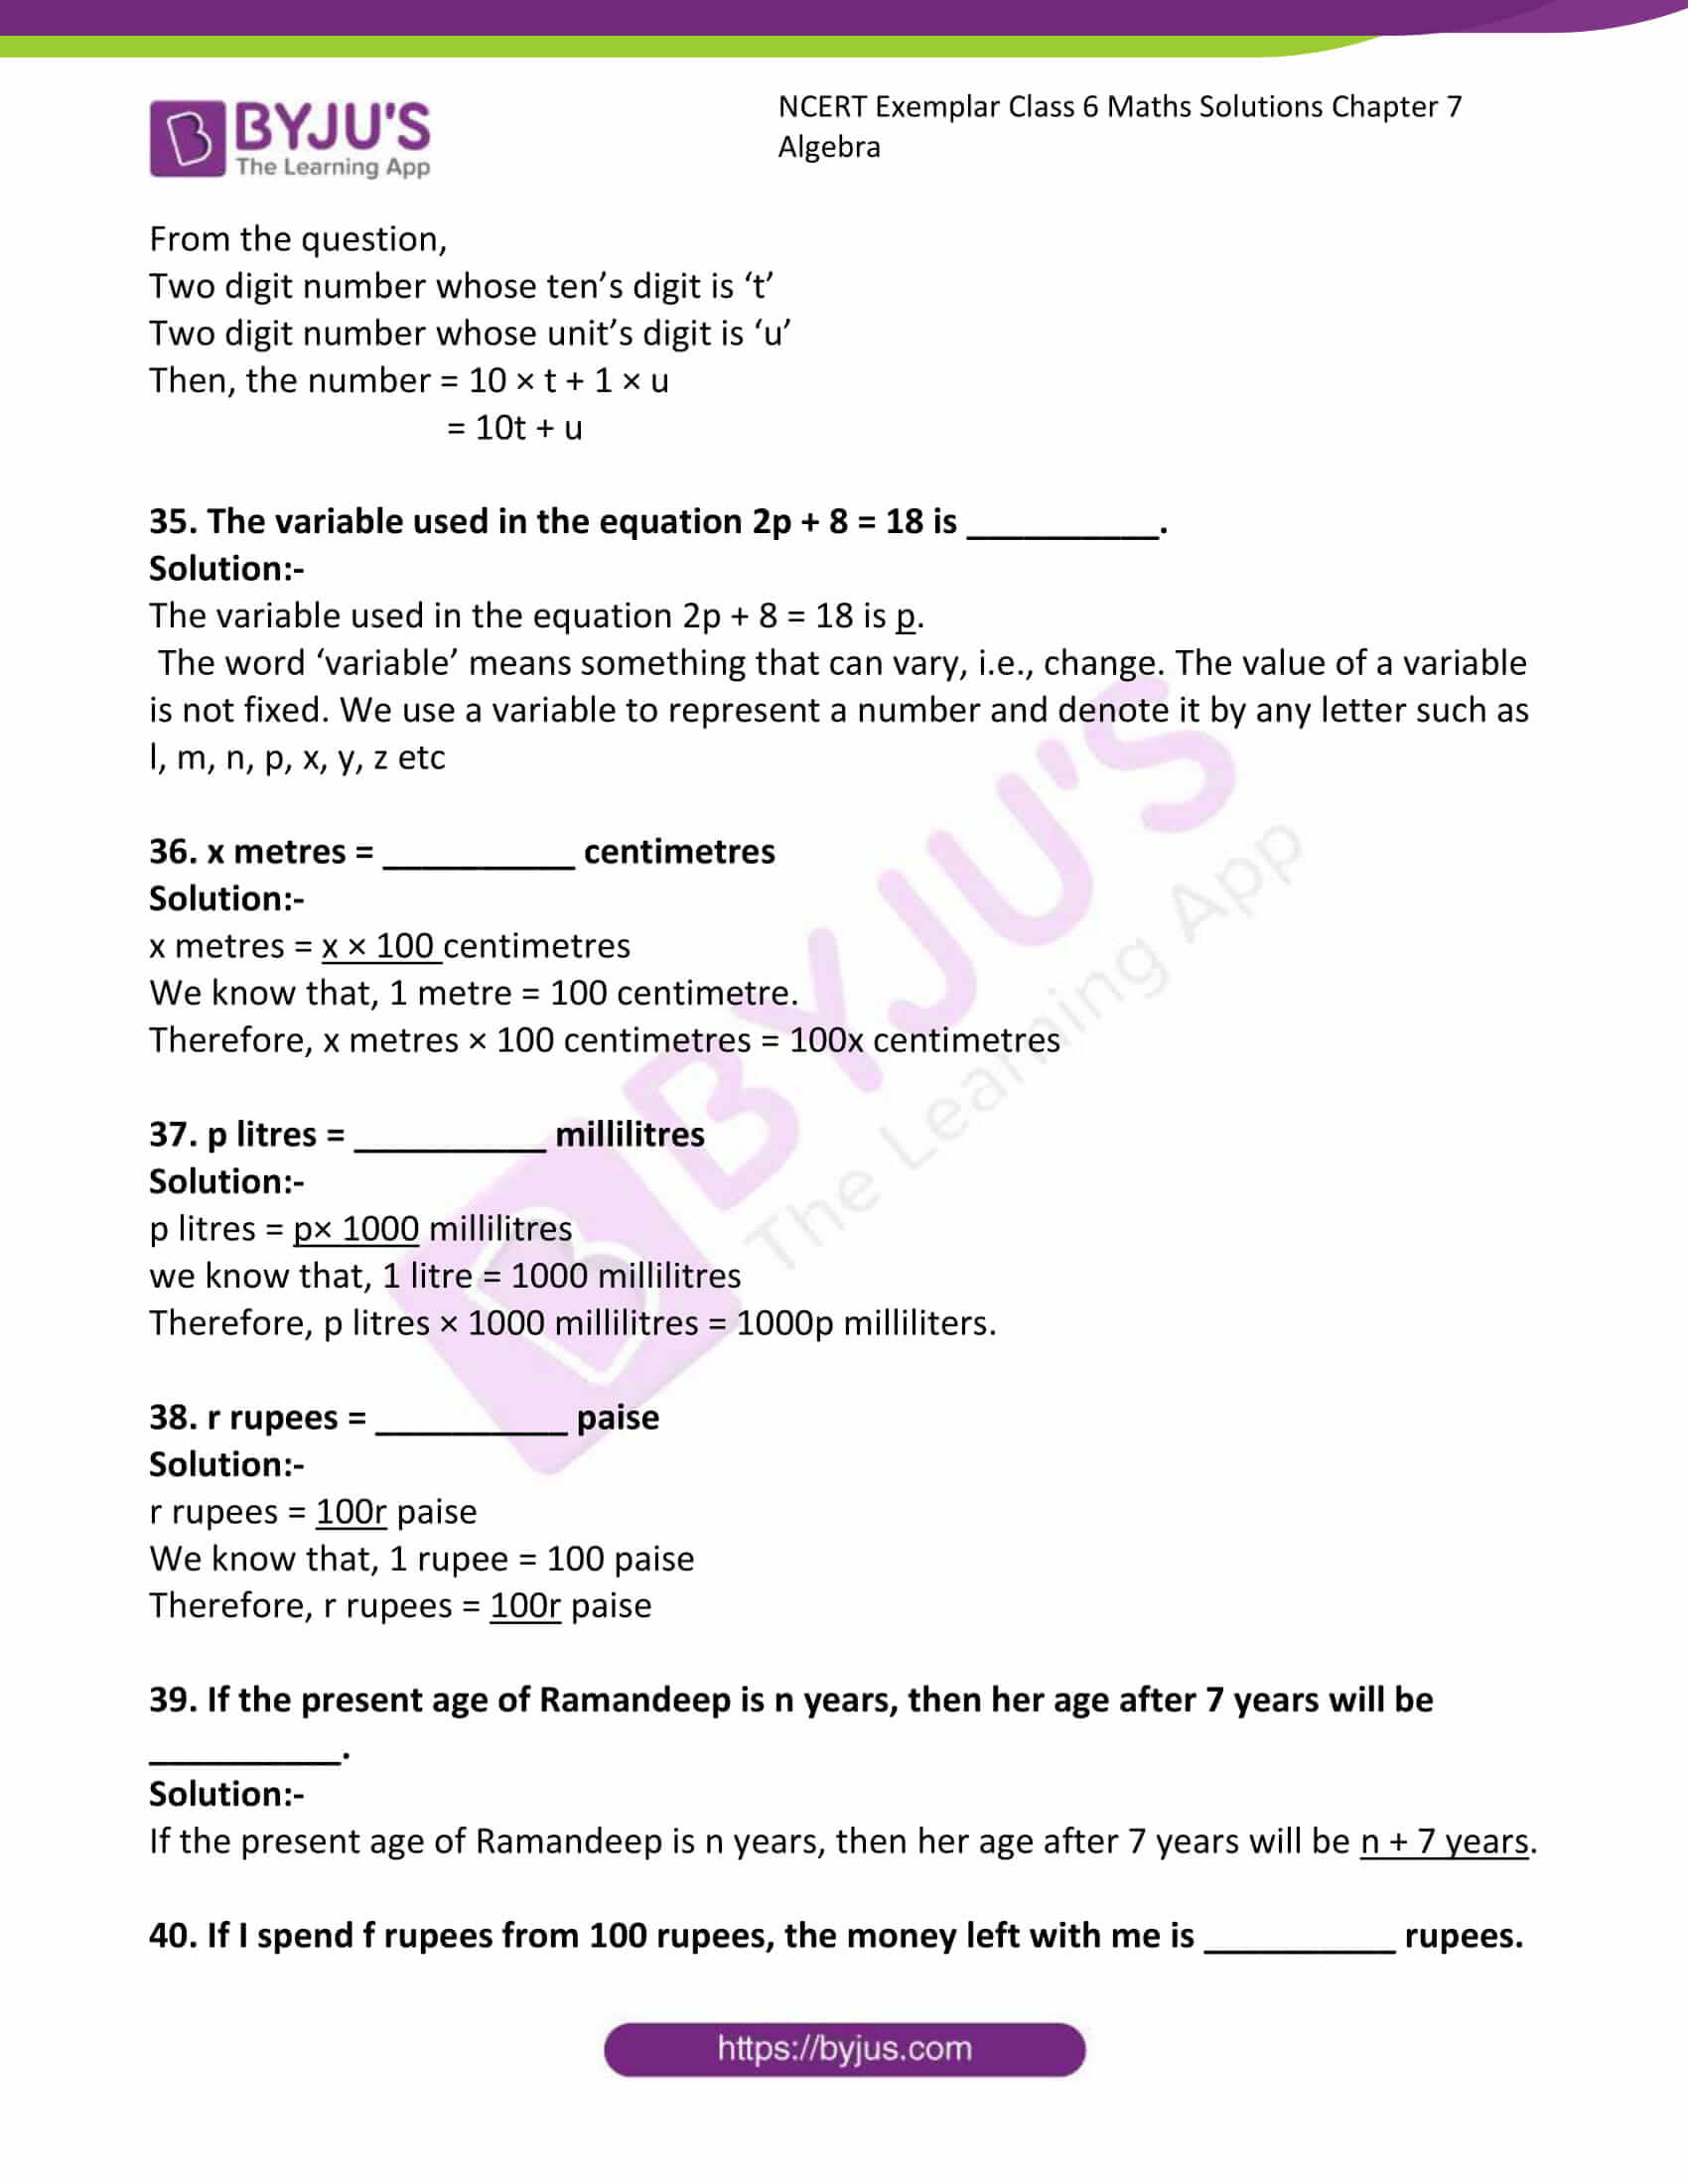 ncert exemplar class 6 maths solutions chapter 7 09